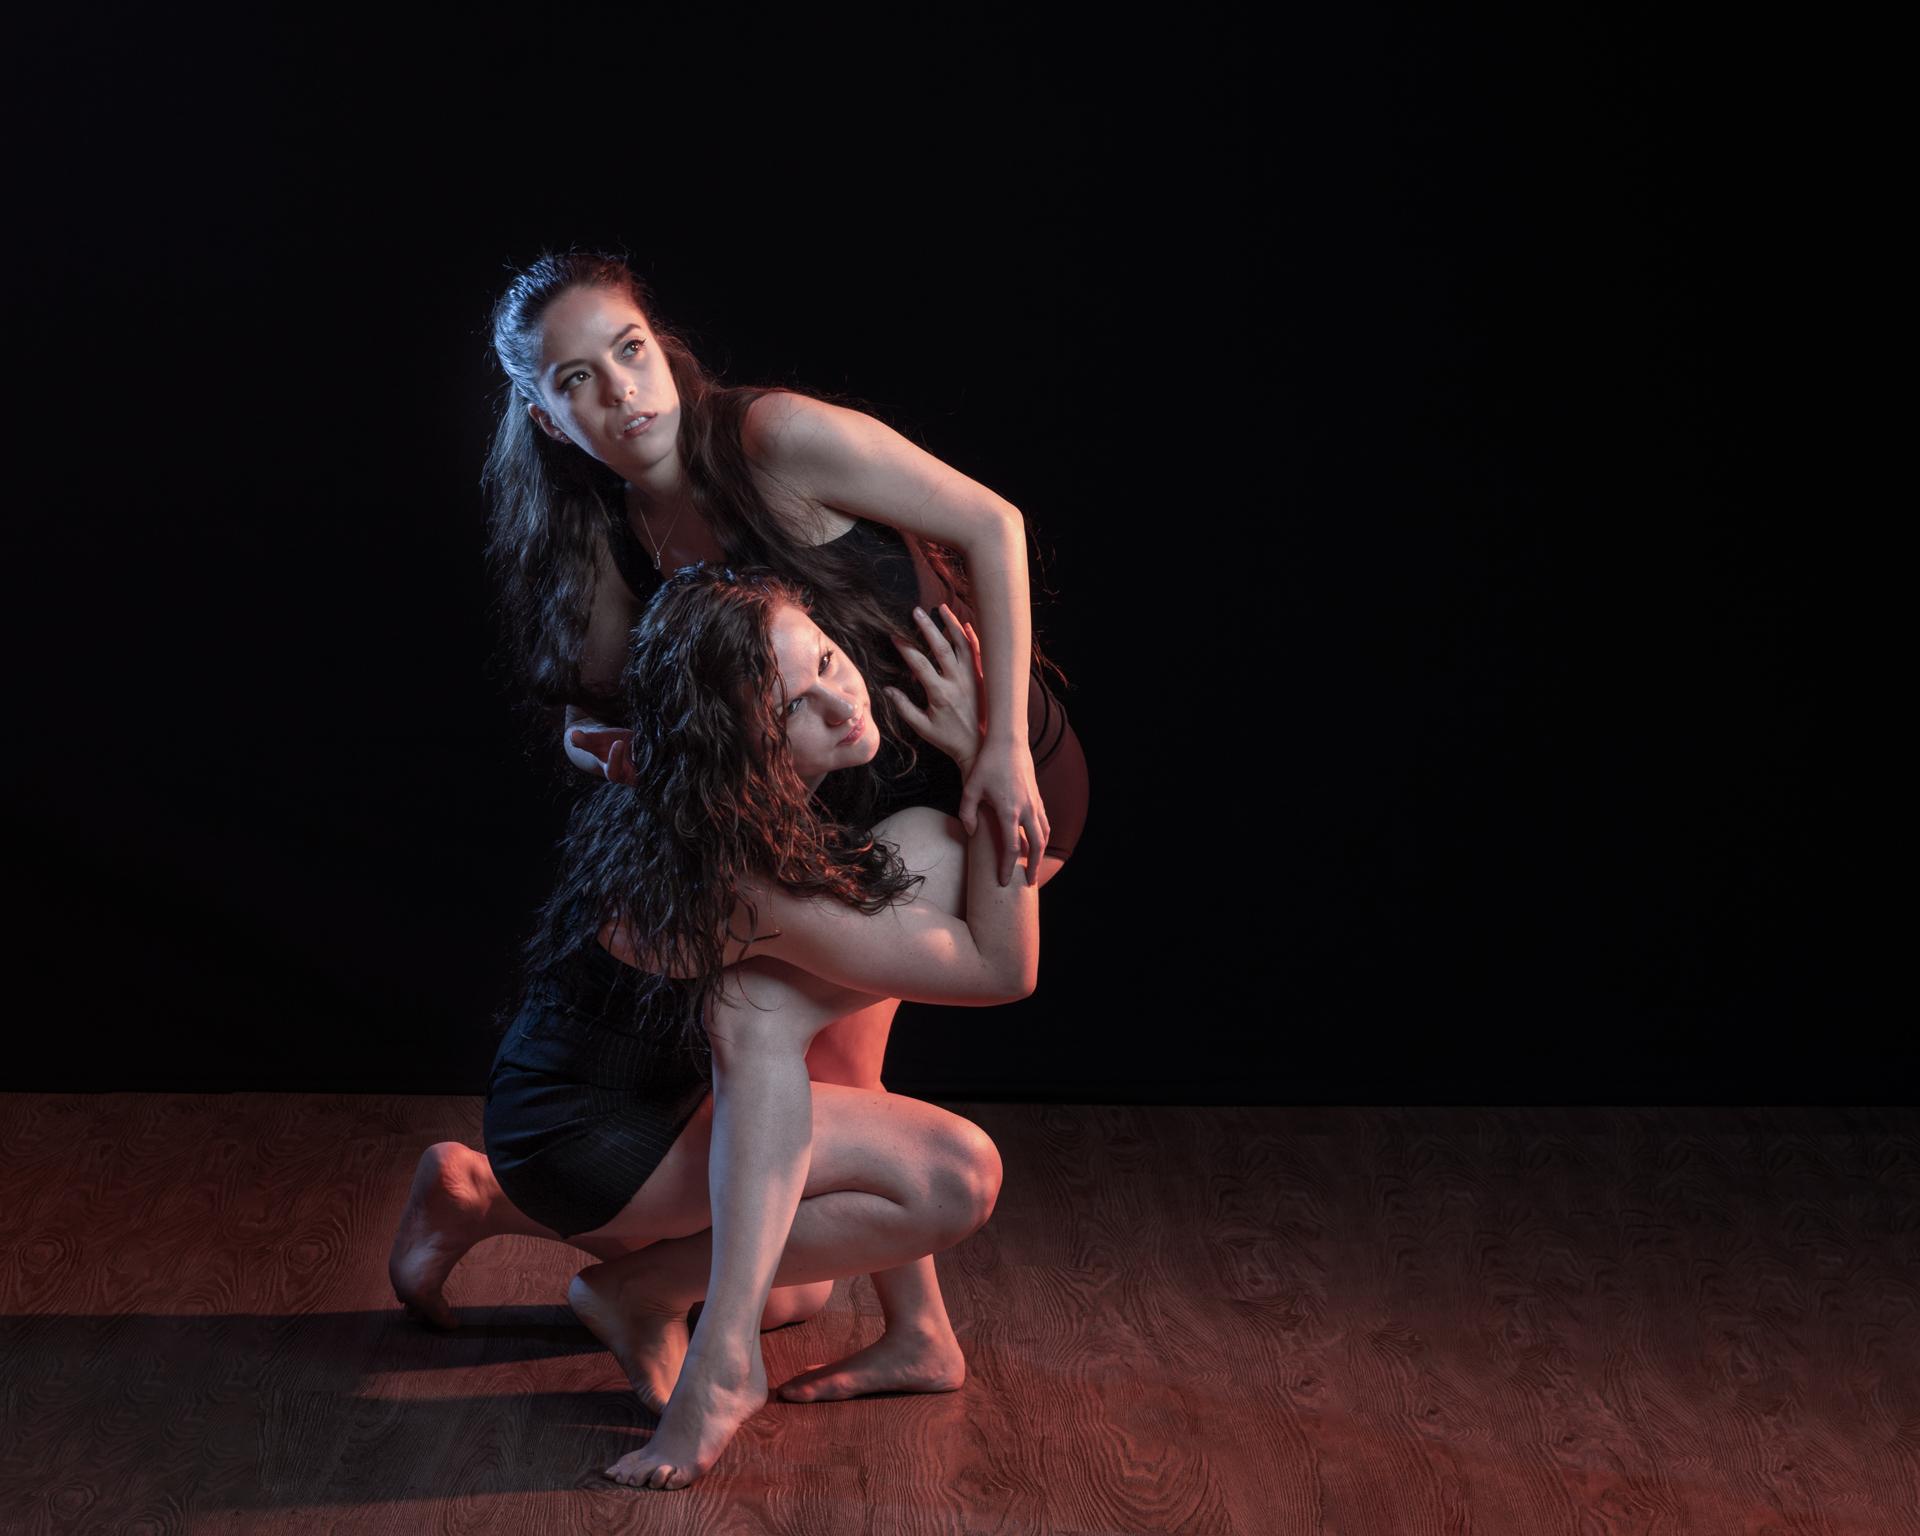 CFrenette-Jessie-Julie-duo-5